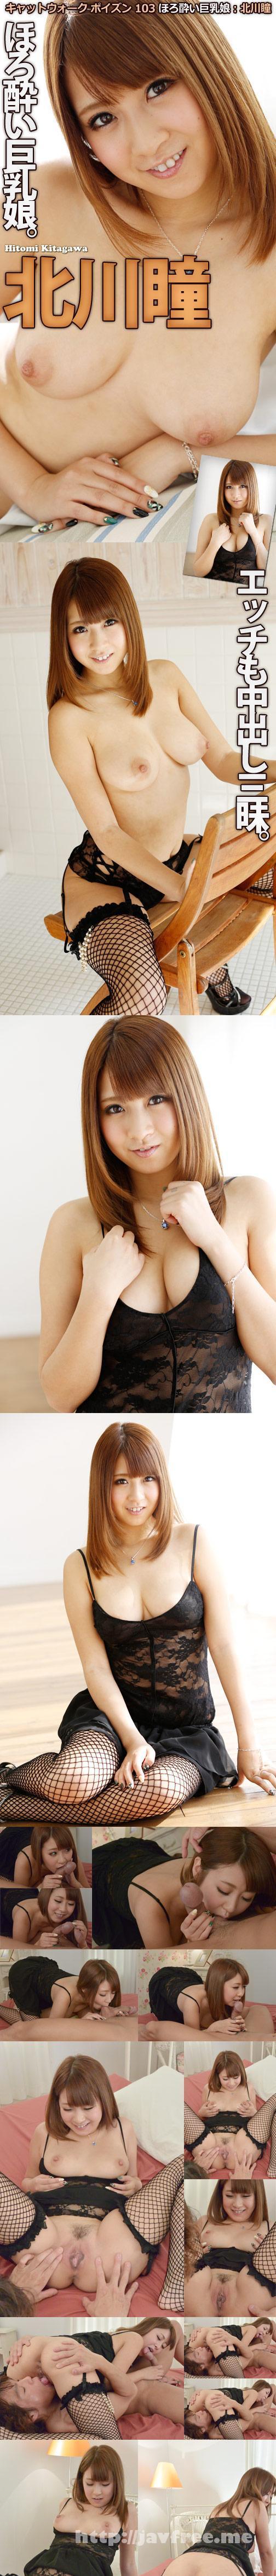 [CWP-103] キャットウォーク ポイズン 103 ほろ酔い巨乳娘 :  北川瞳 - image CWP-103_1 on https://javfree.me